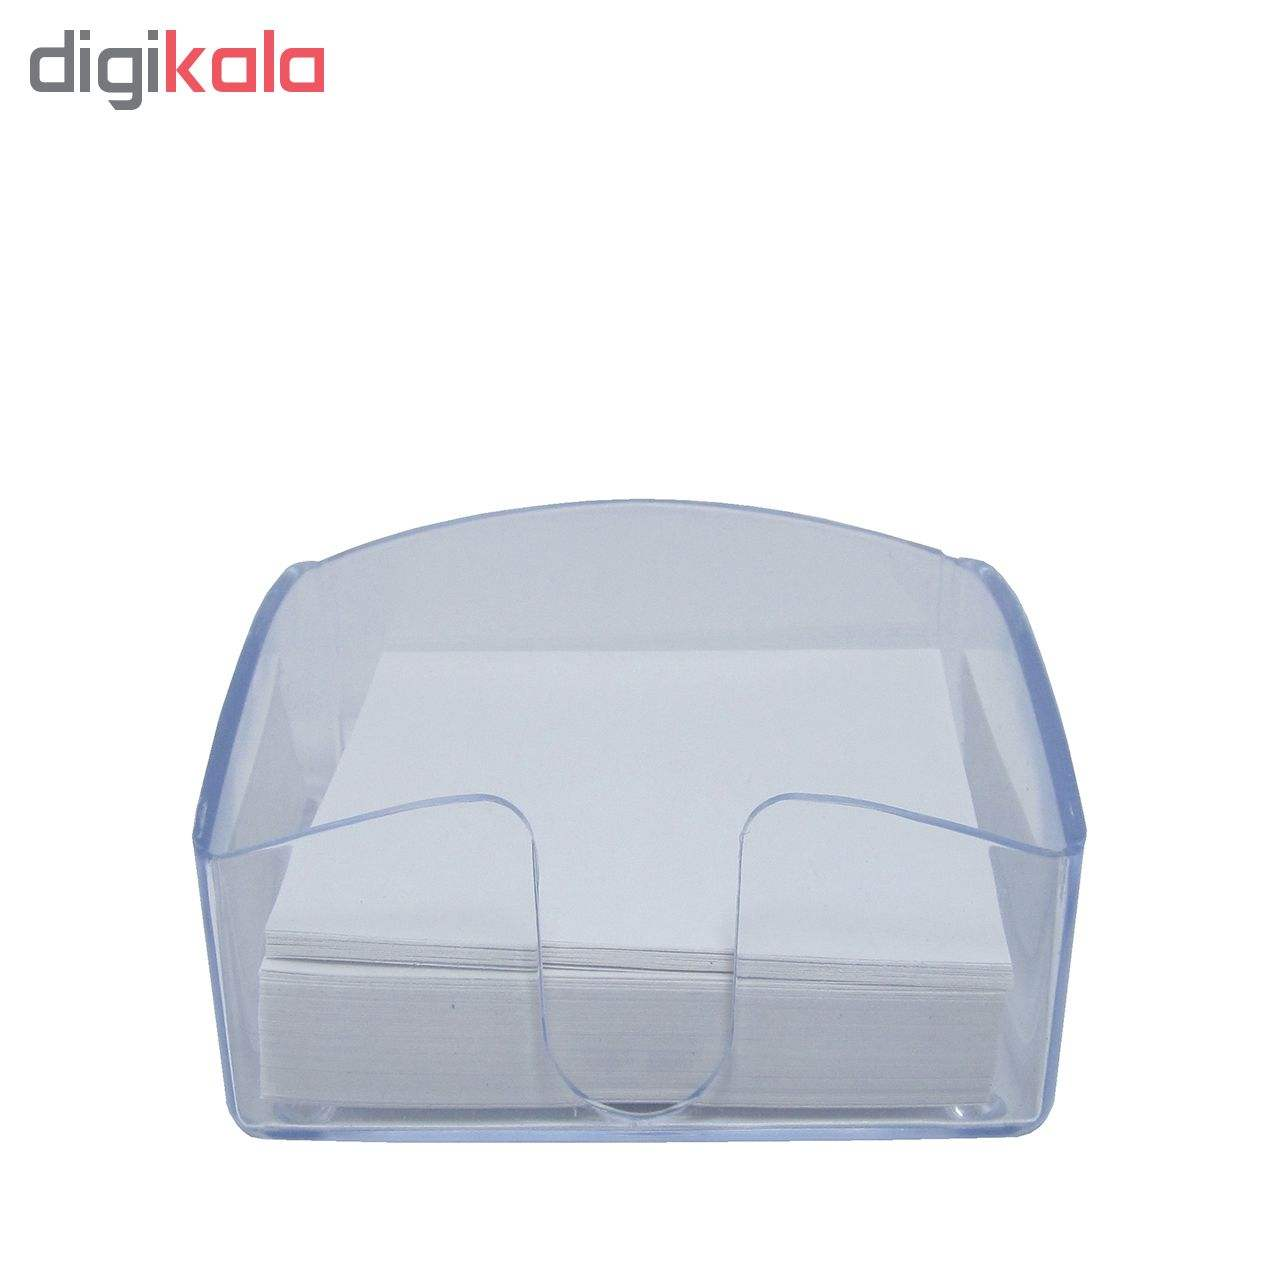 جای کاغذ یادداشت پلاستیکی مدل پارسه main 1 1